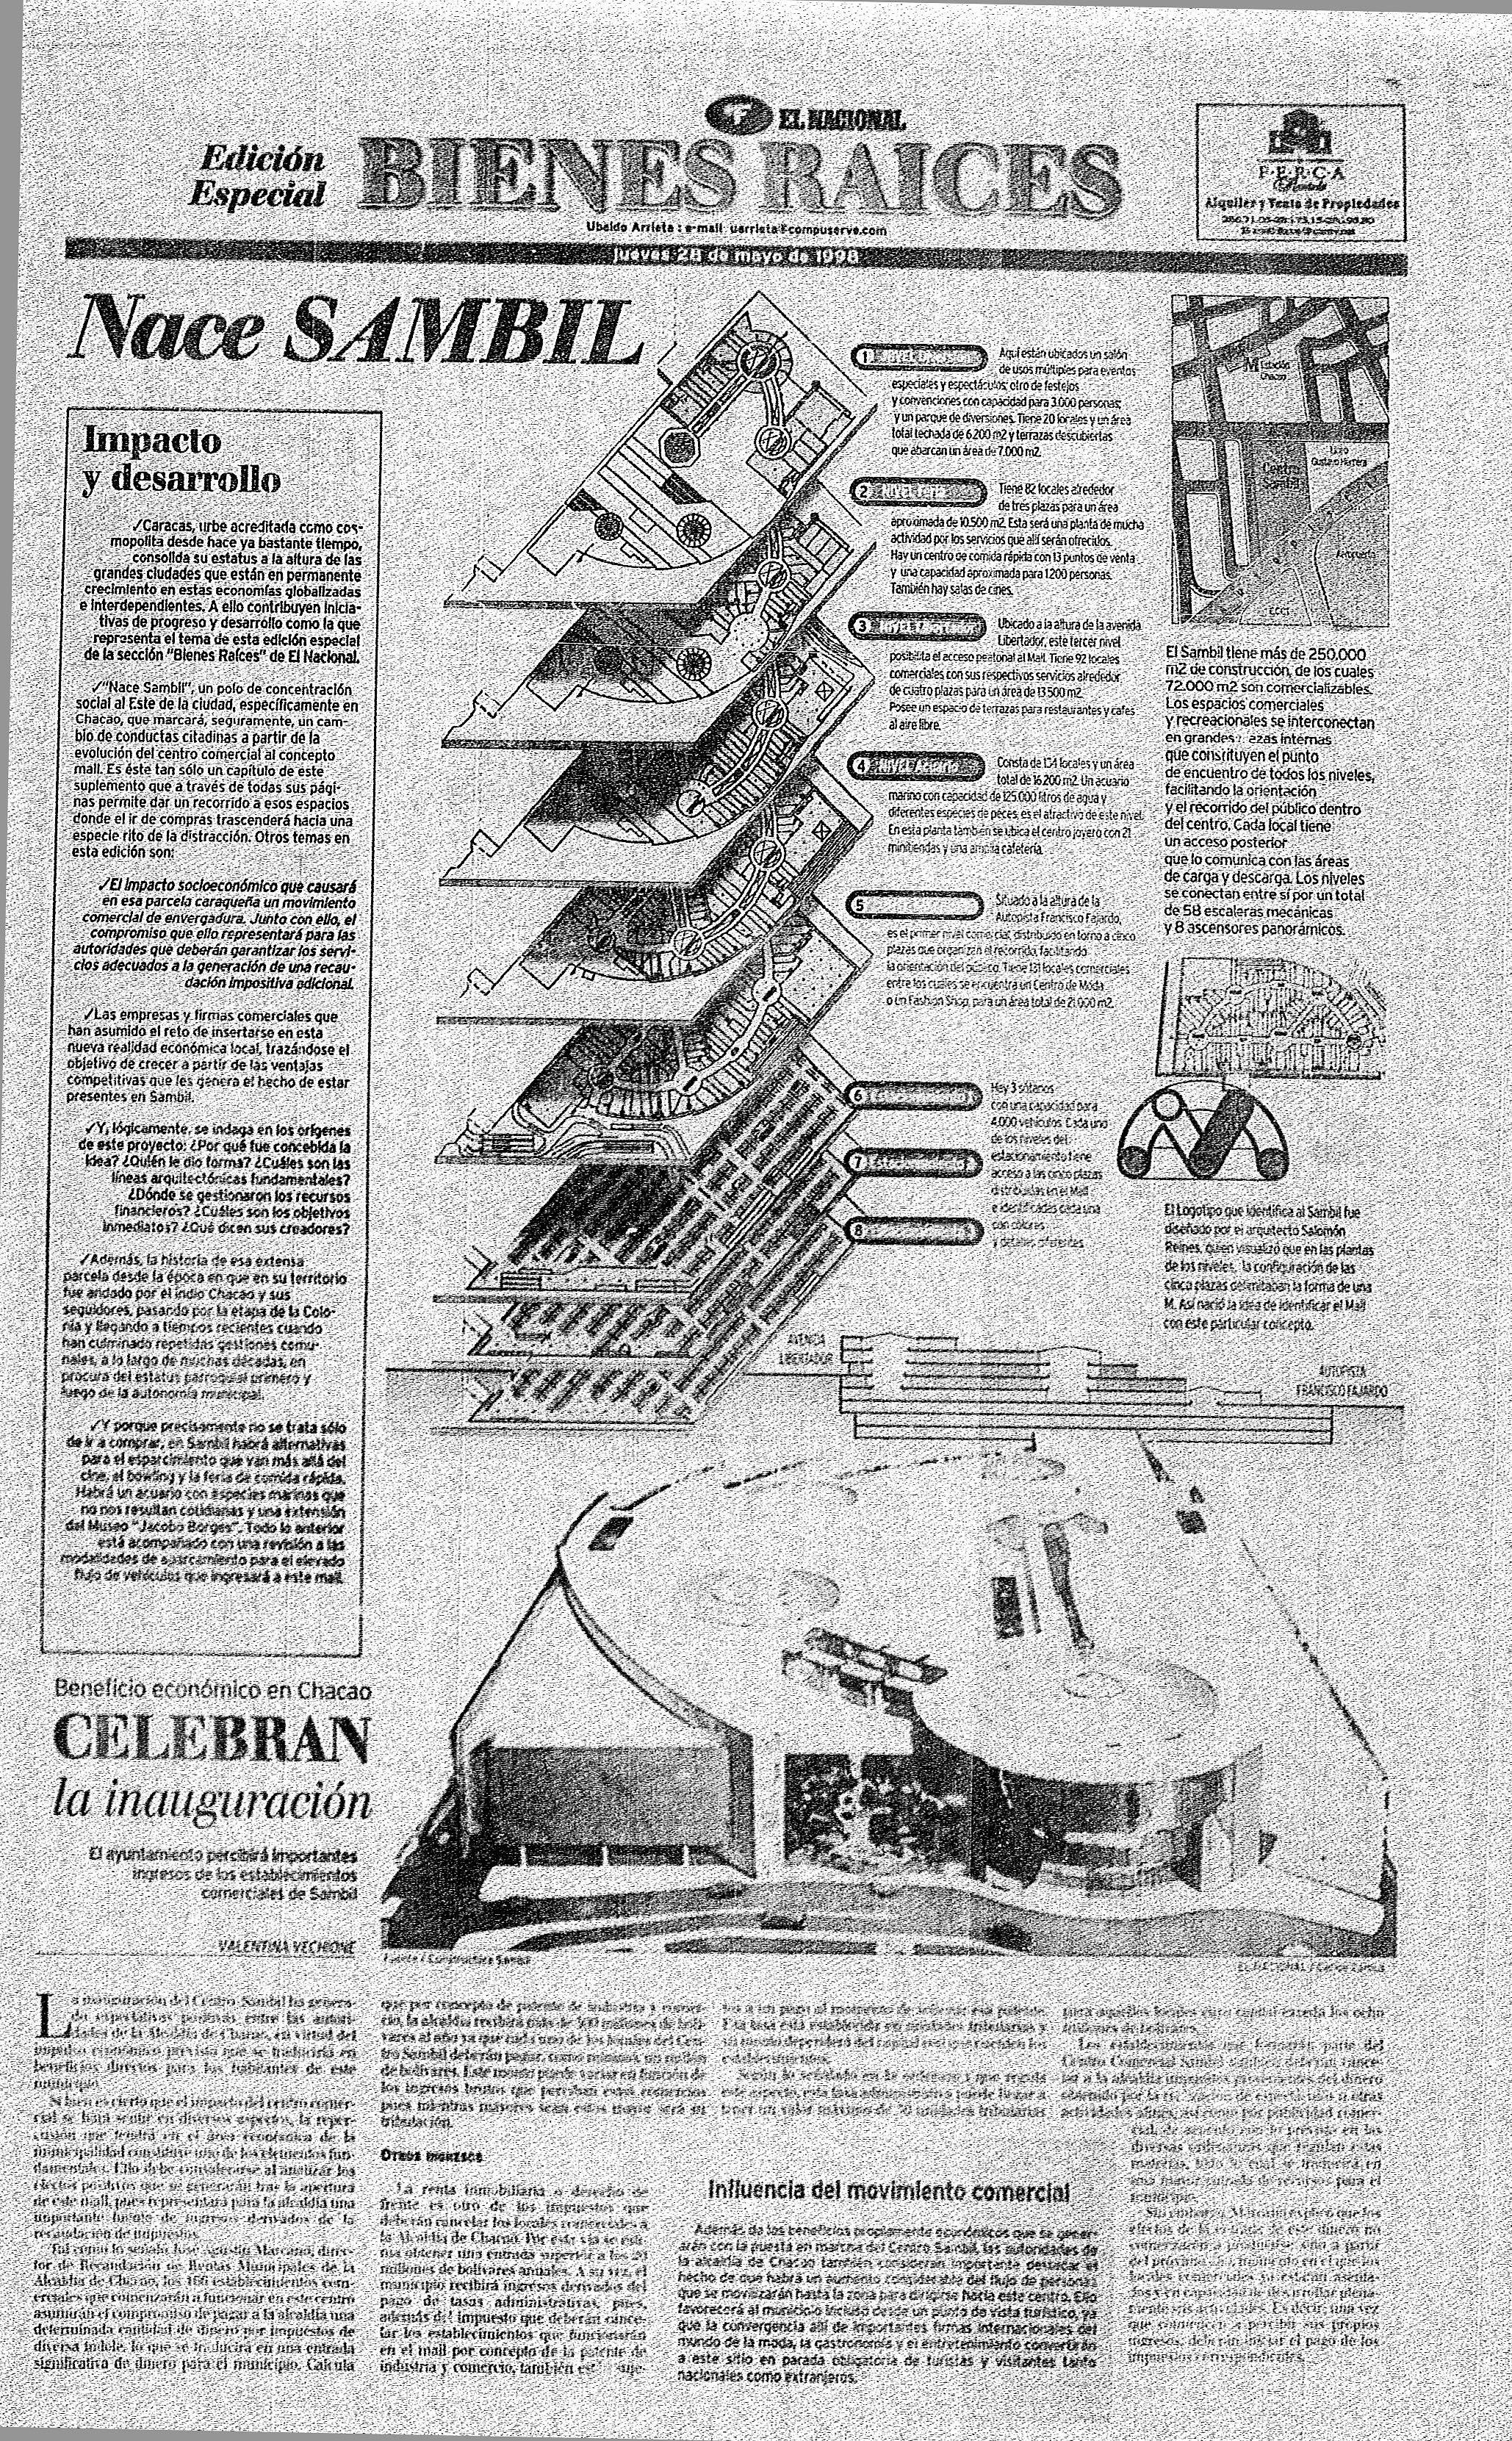 Inauguracion Del Sambil Publicado El 28 De Mayo De 1998 Sheet Music